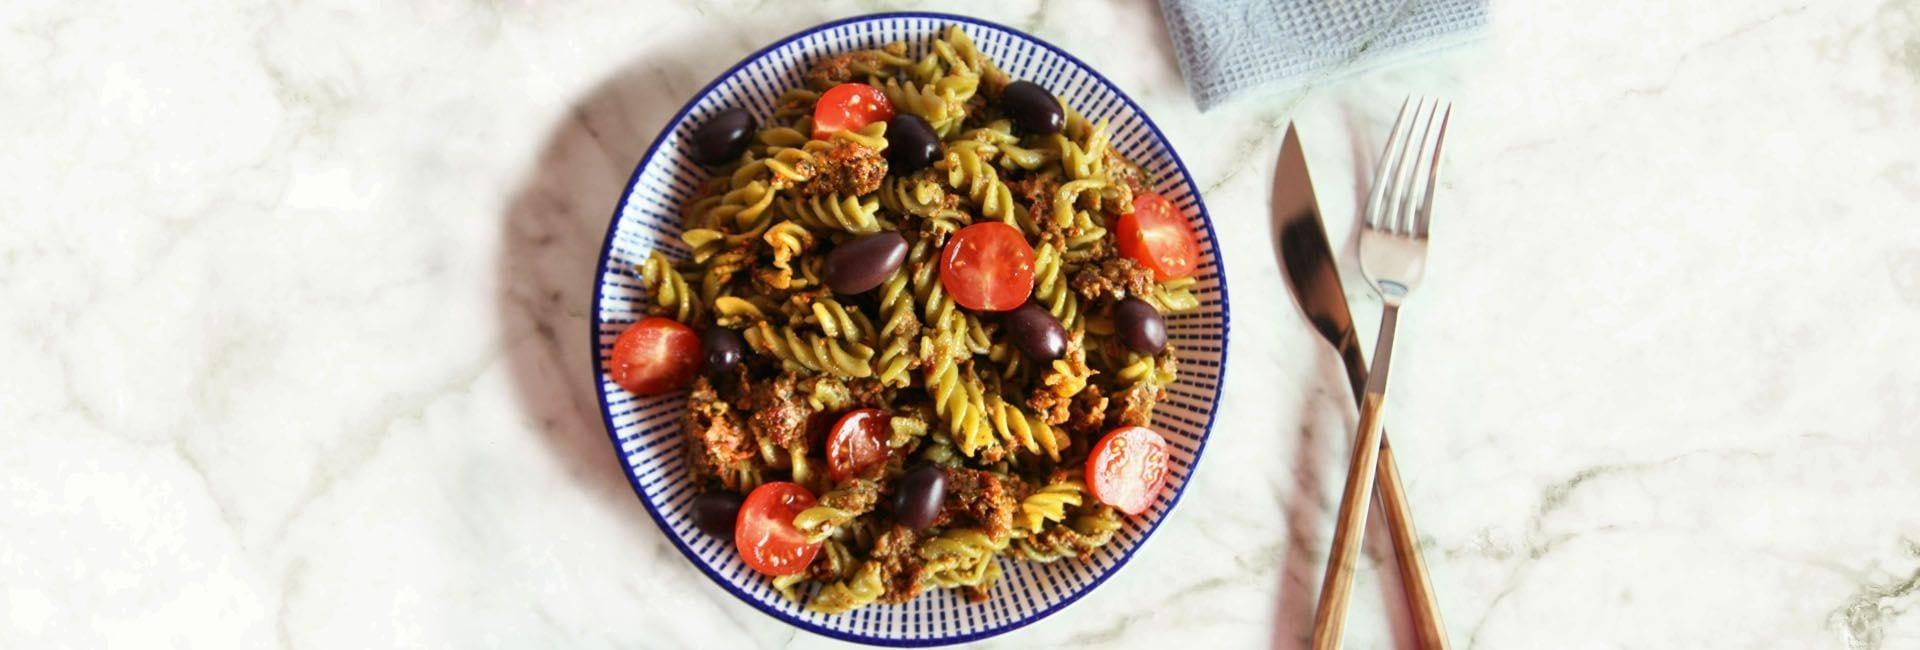 Fusilli tricolore con pesto de tomates secos